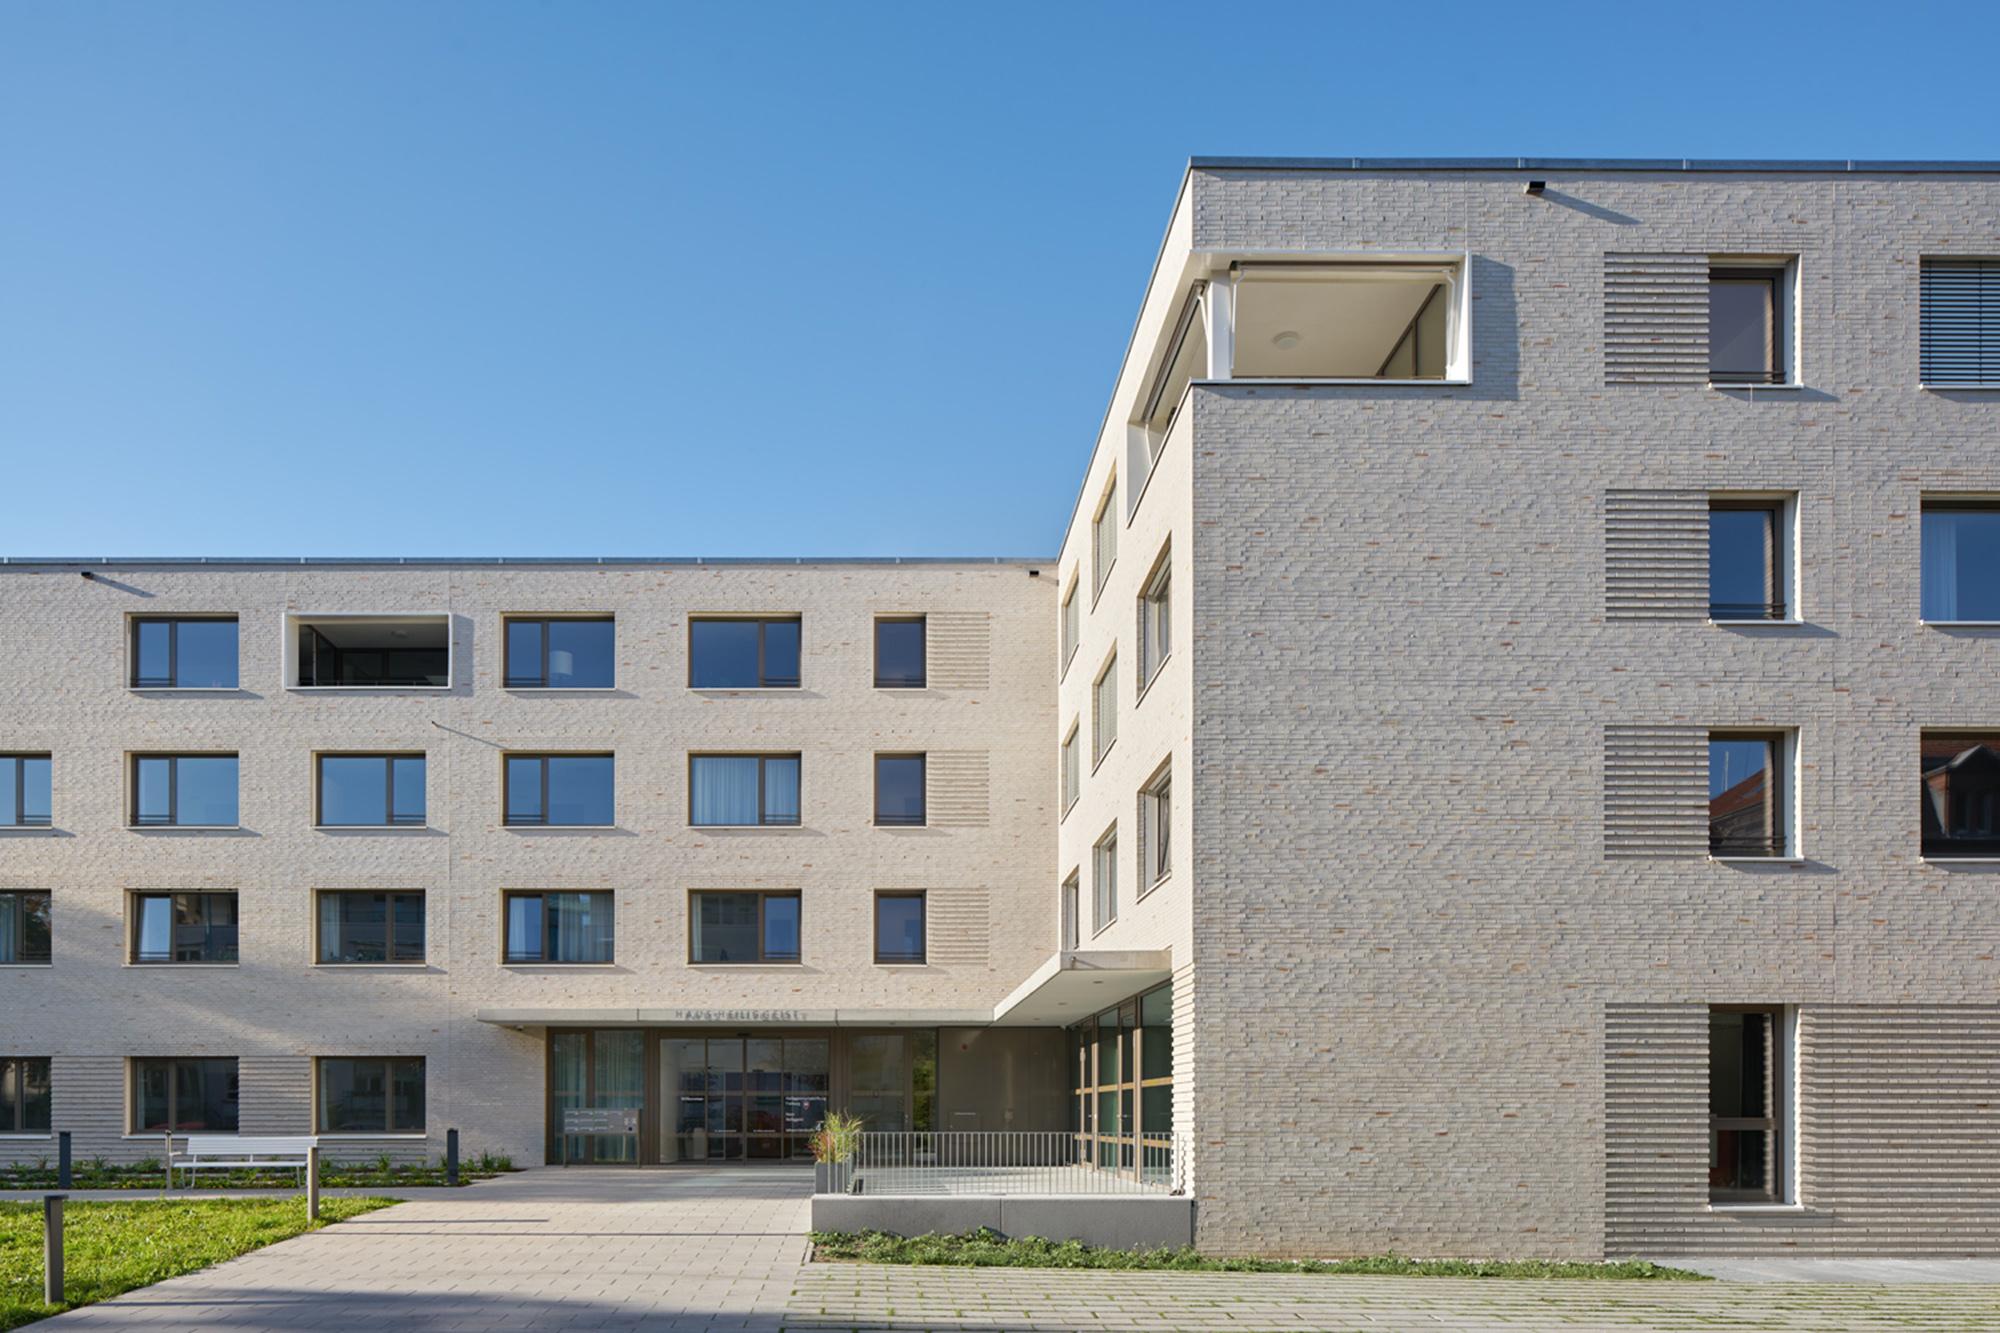 © Stephan Baumann, Karlsruhe, www.bild_raum.com